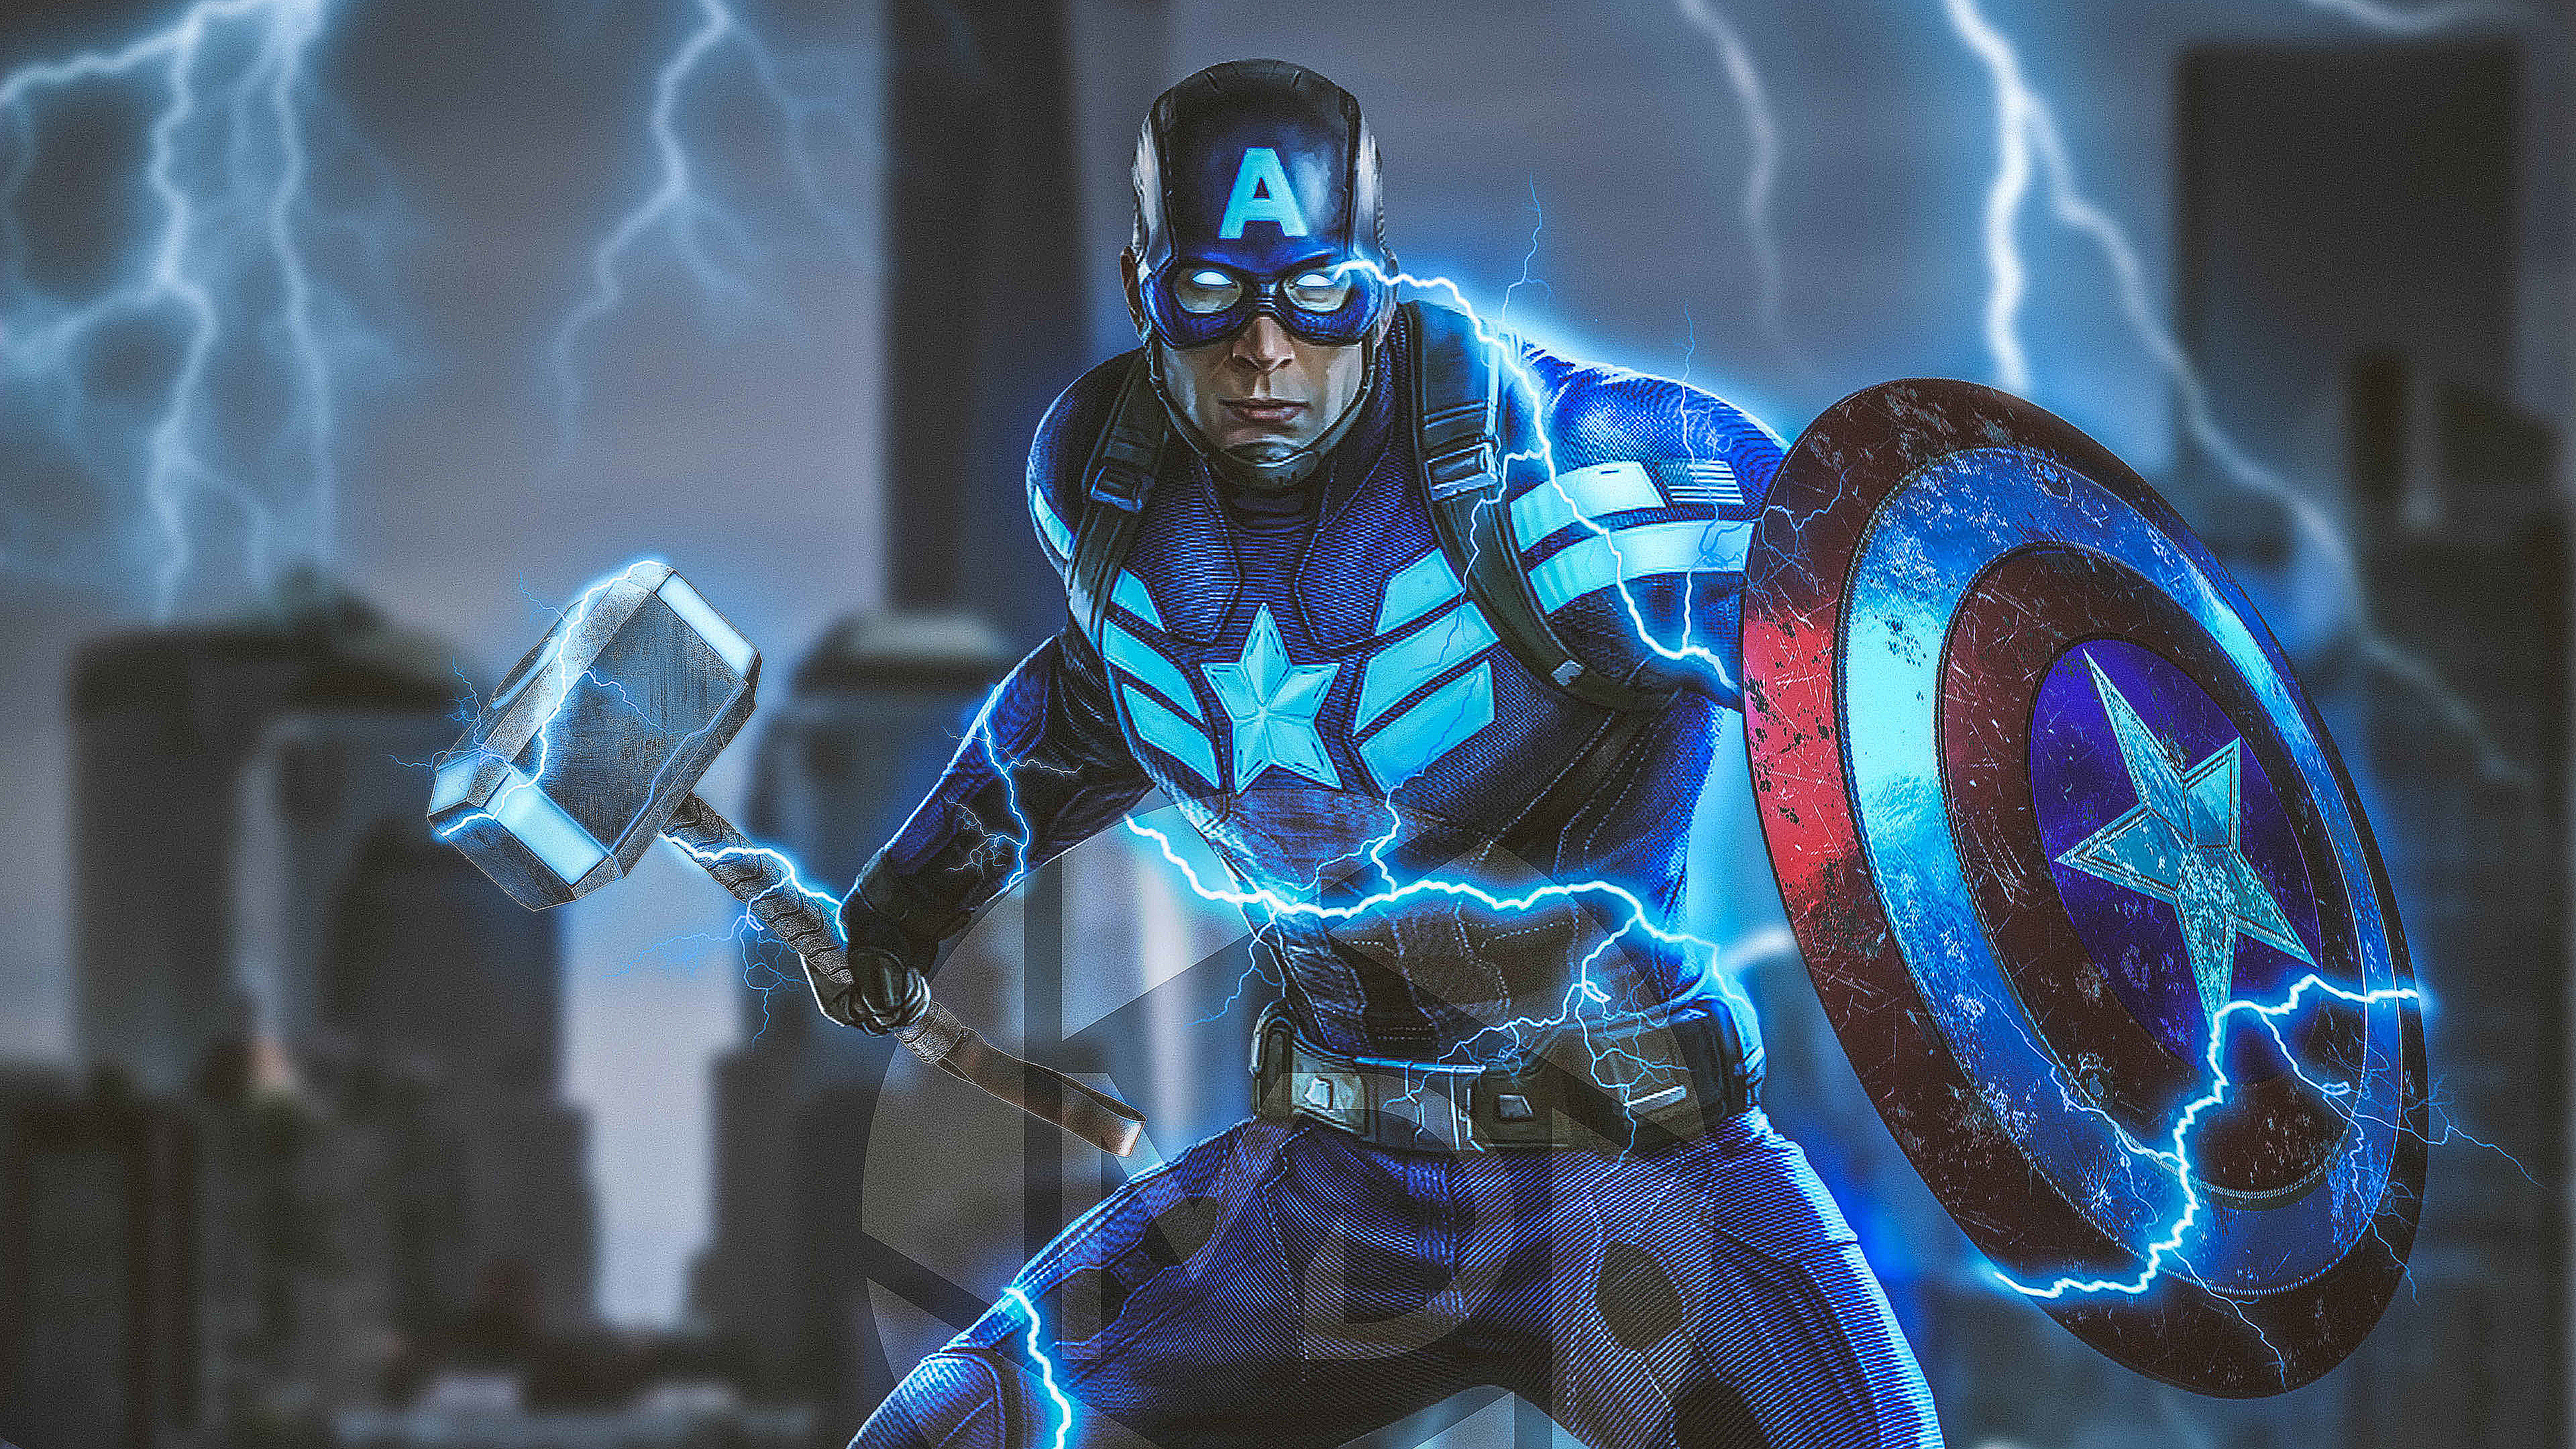 Captain America Mjolnir Avengers Endgame 4k 2019, HD ...